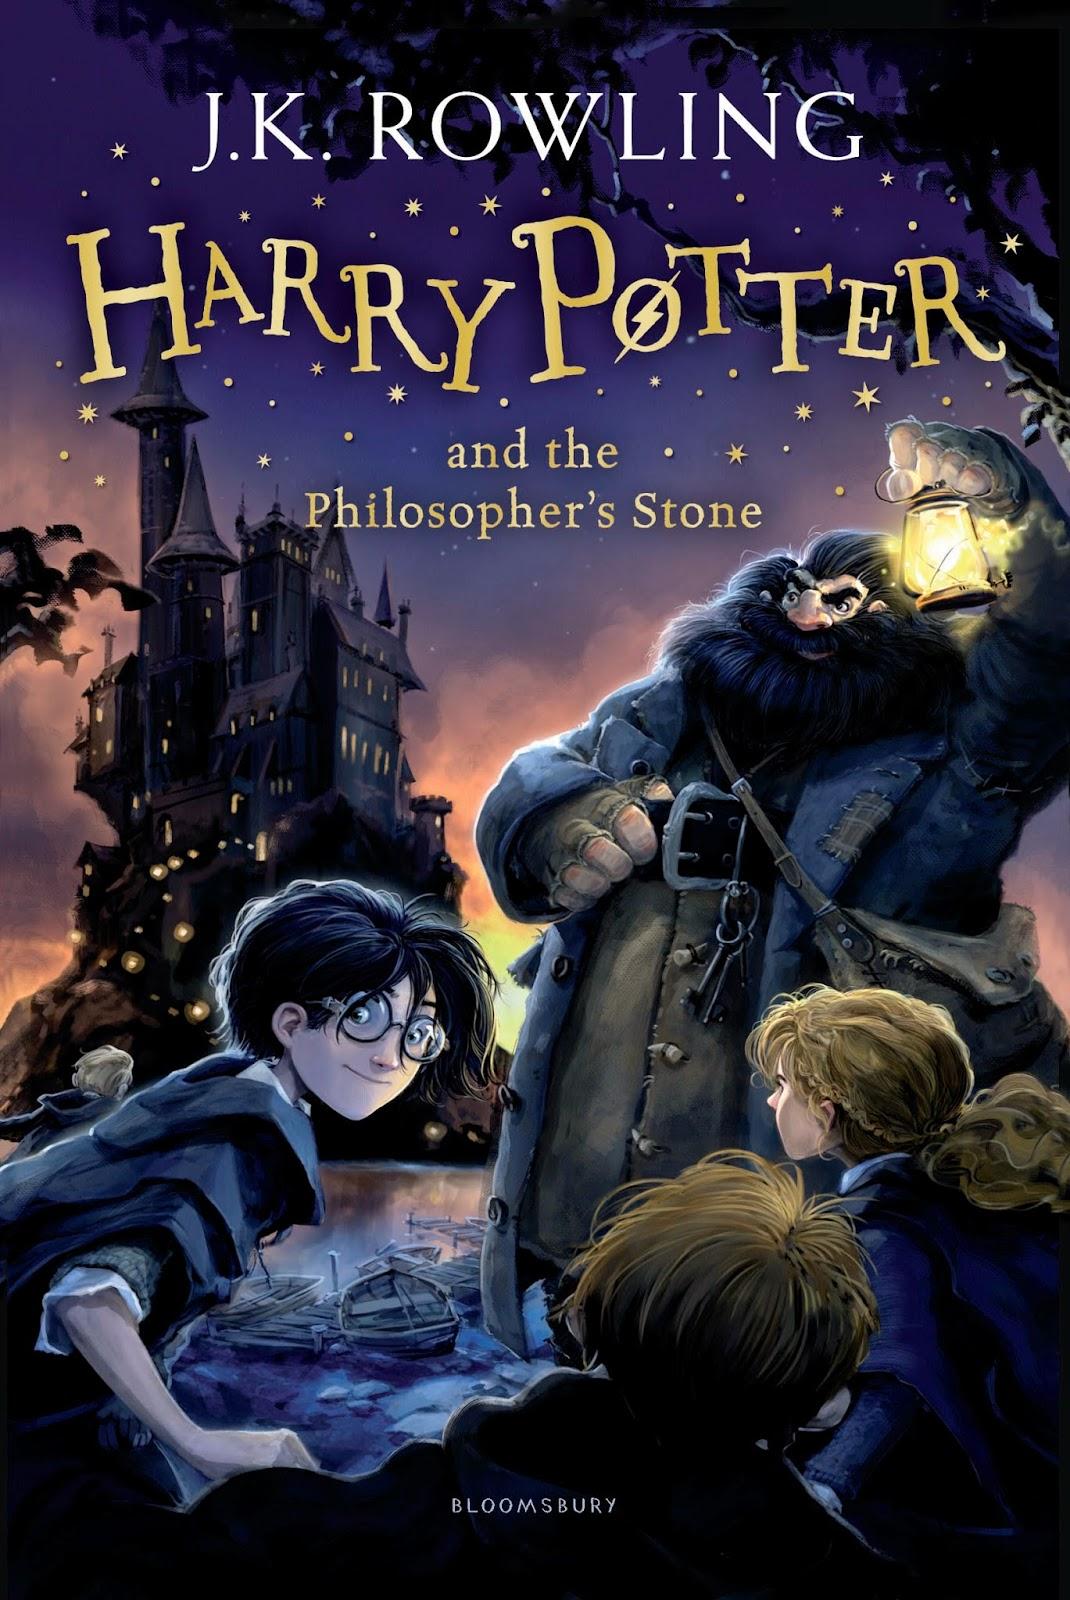 [Présentation] When Snow is coming... Harry+Potter+Philosopher's+Stone+Jonny+Duddle